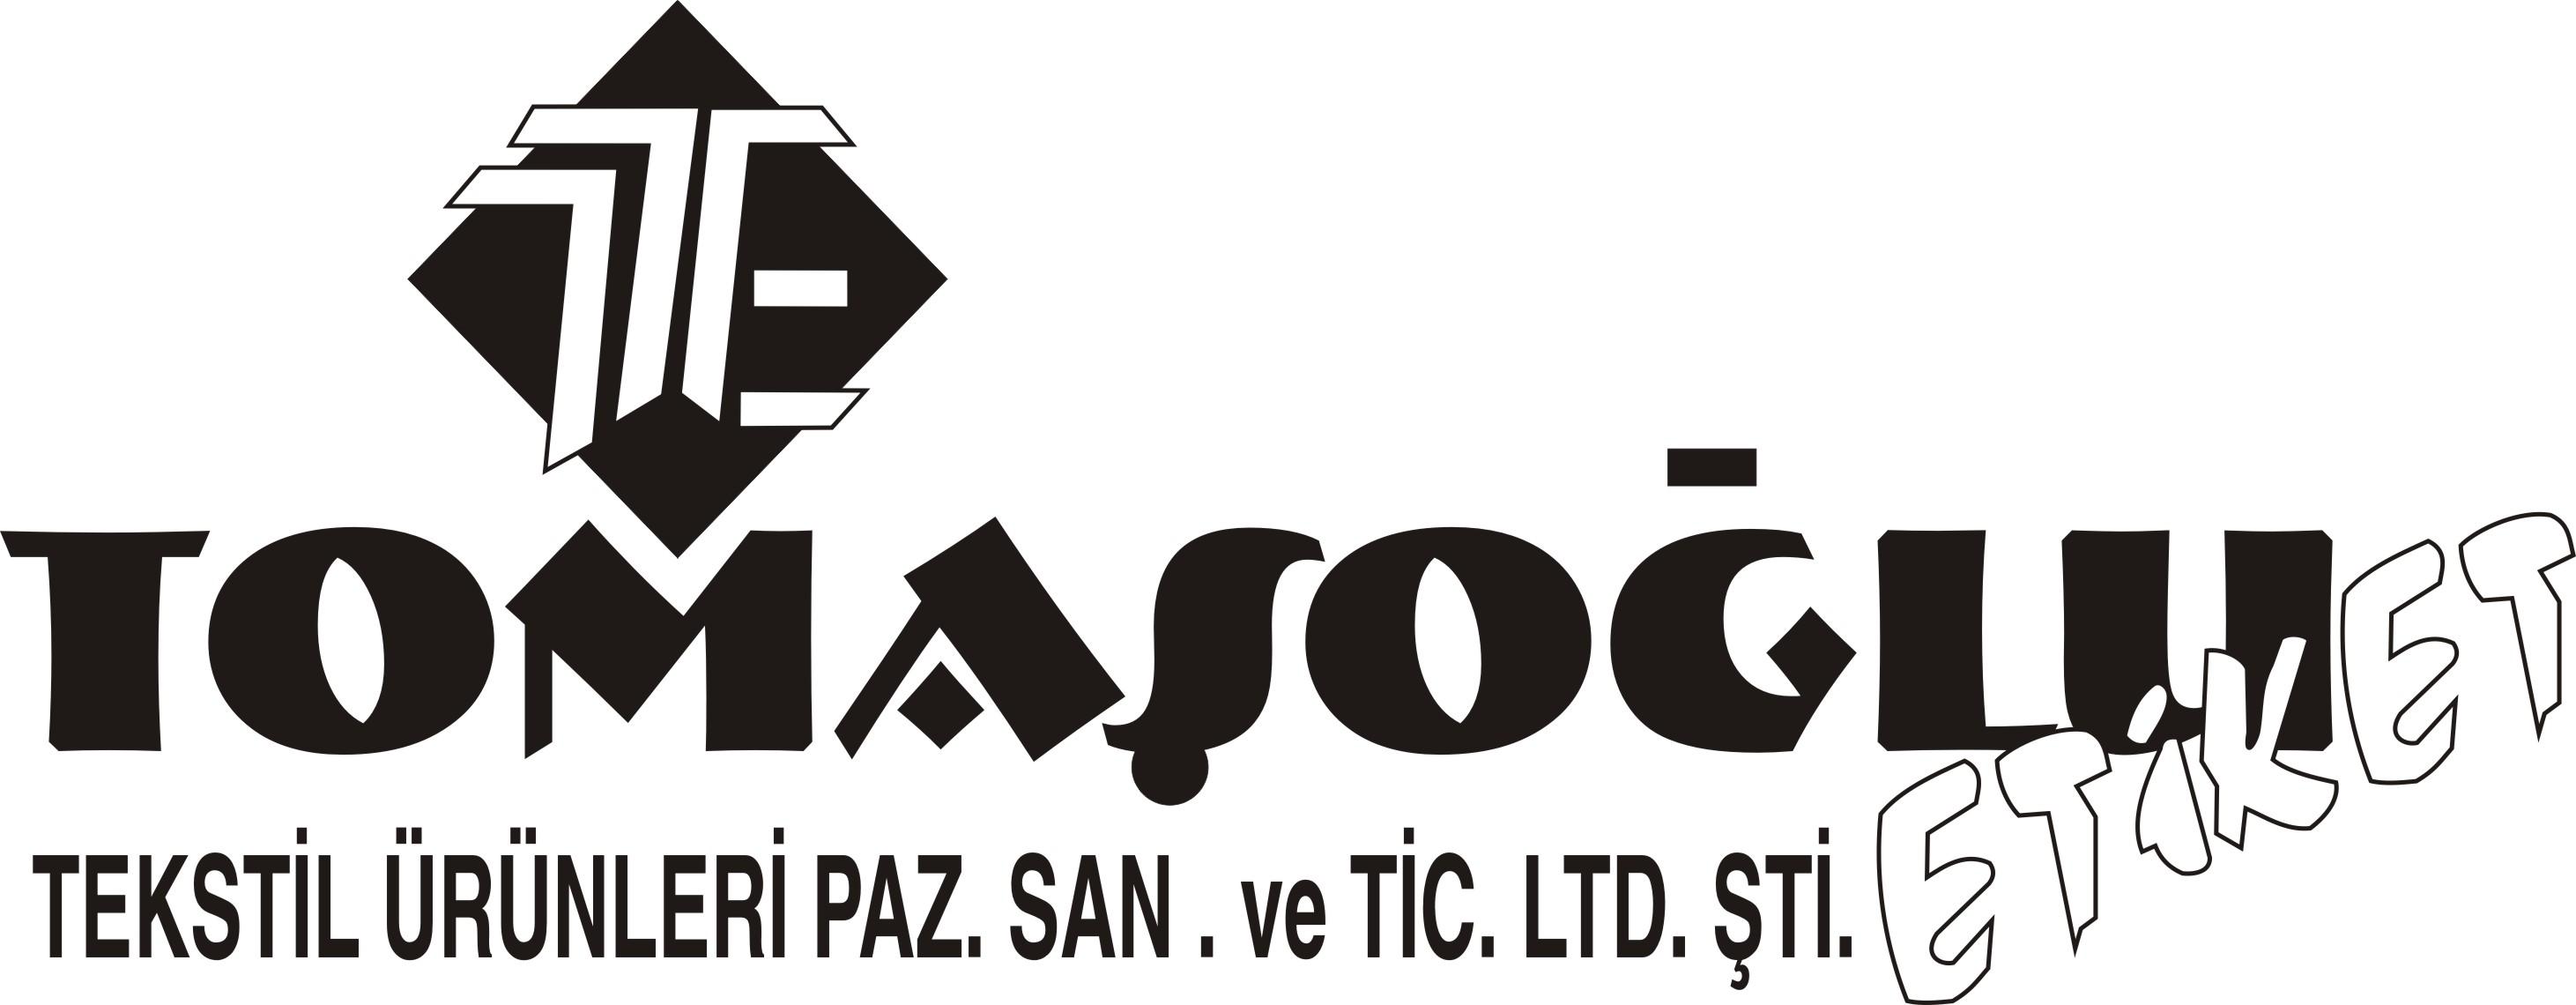 Tomaşoğlu Etiket – Denizli